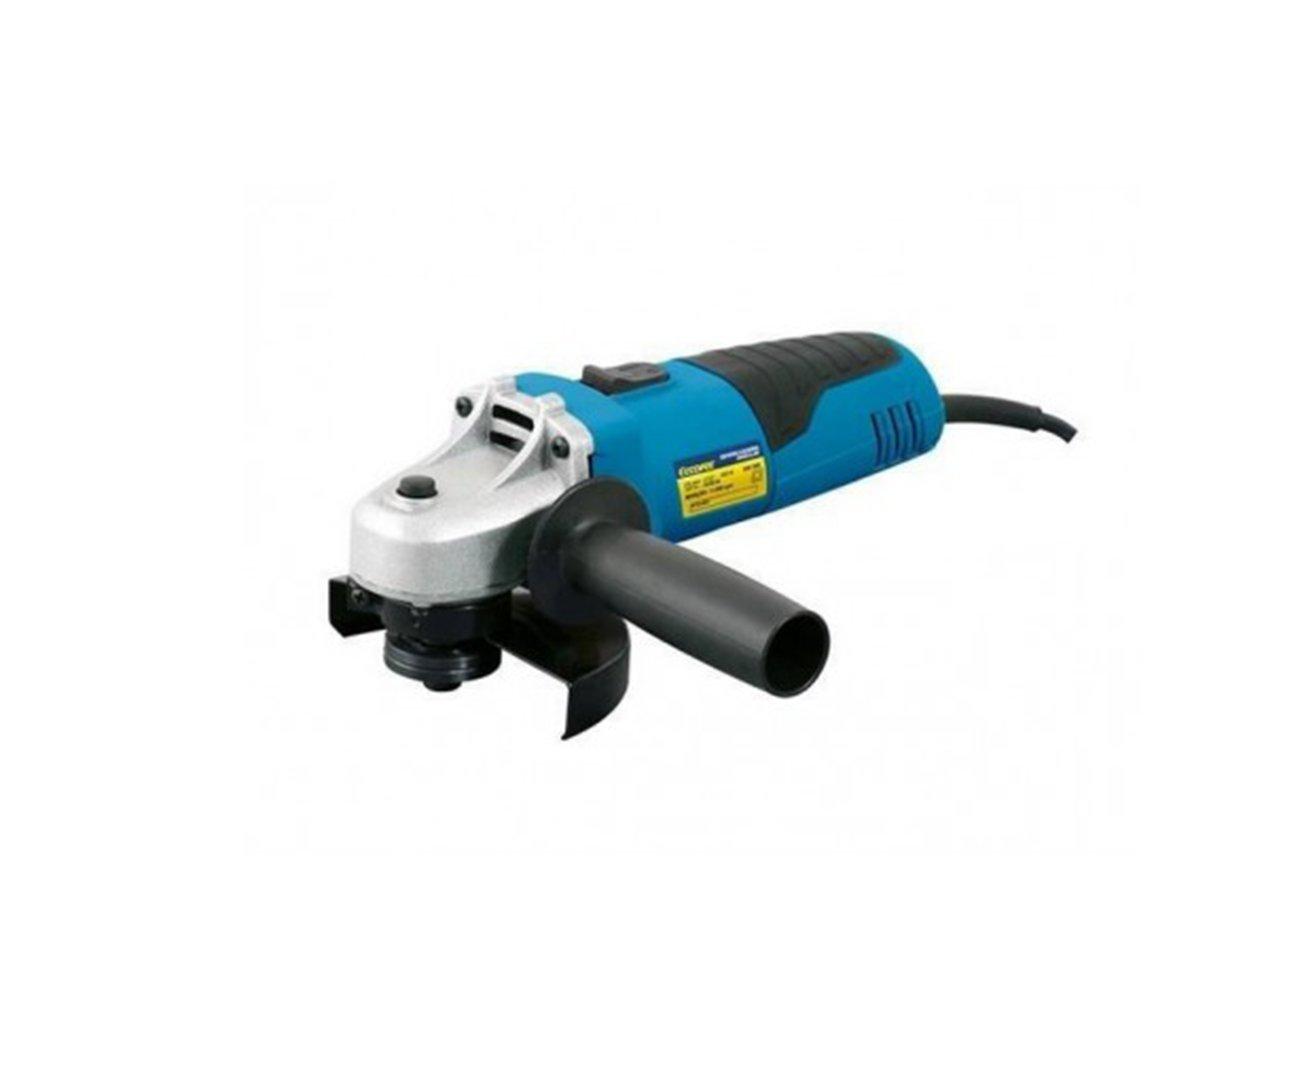 Esmerilhadeira Angular  Eccofer Eae500 - 220v 50/60hz